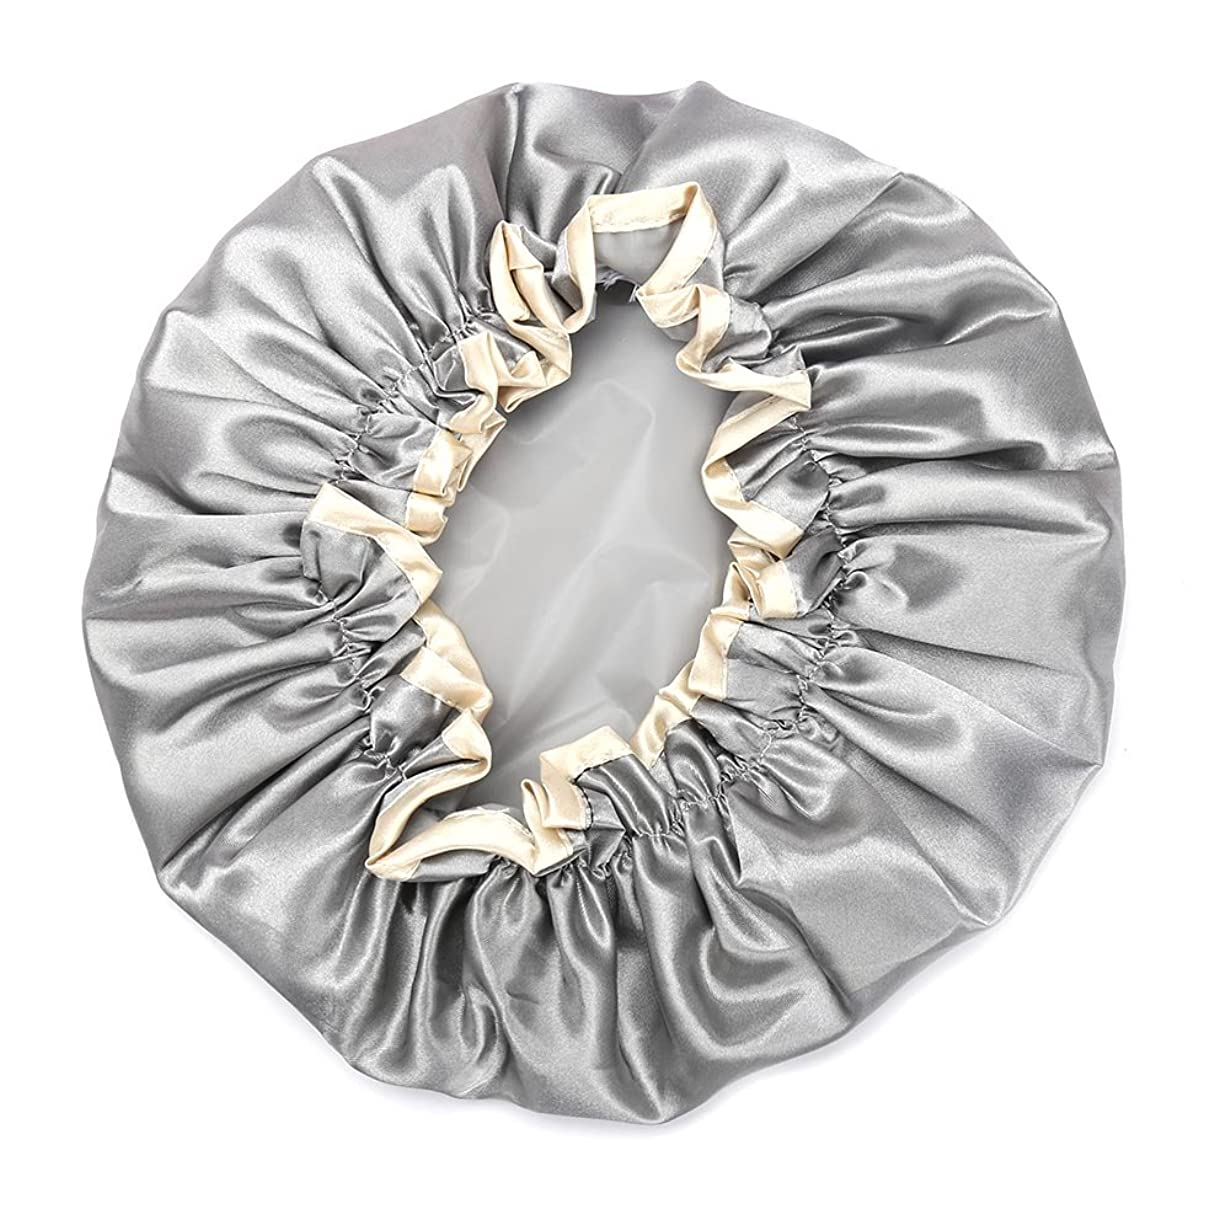 ルーム結婚する地球Hitchlike シャワーキャップ ヘアキャップ ヘアーキャップ ヘアーターバン 入浴キャップ 帽子 お風呂、シャワー用に 浴用帽子 便利 女性の弾性の防水入浴シャワーキャップ再使用可能なサロンの髪を保護する帽子